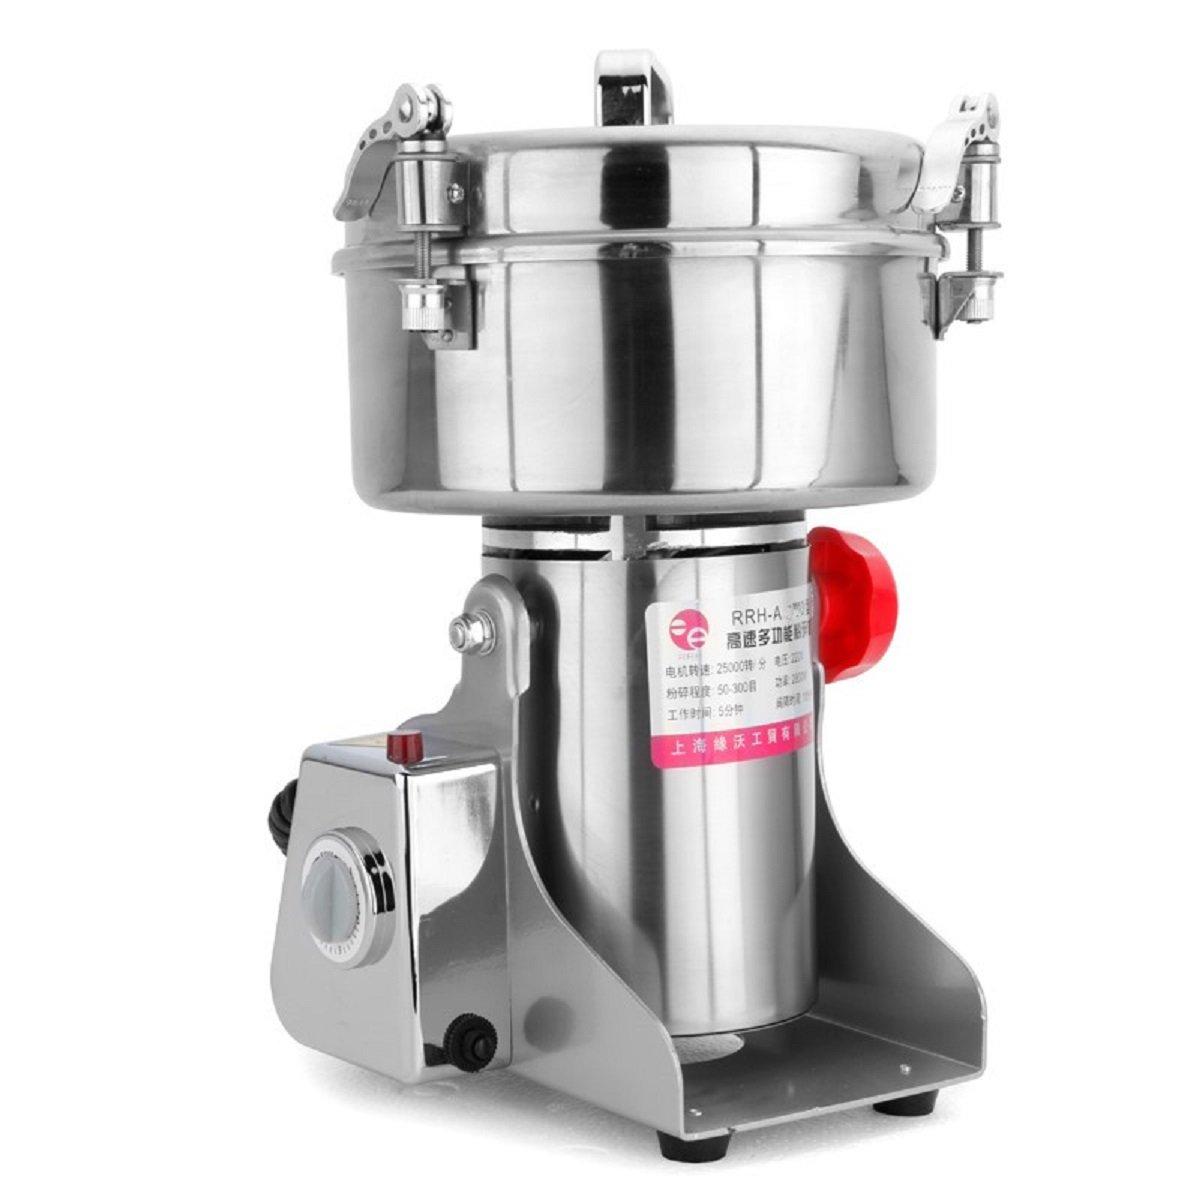 RRH 2000g Grain Grinder Electric 25000 RPM Stainless Steel Mill Grinder 4000W Powder Machine 50-300 Mesh